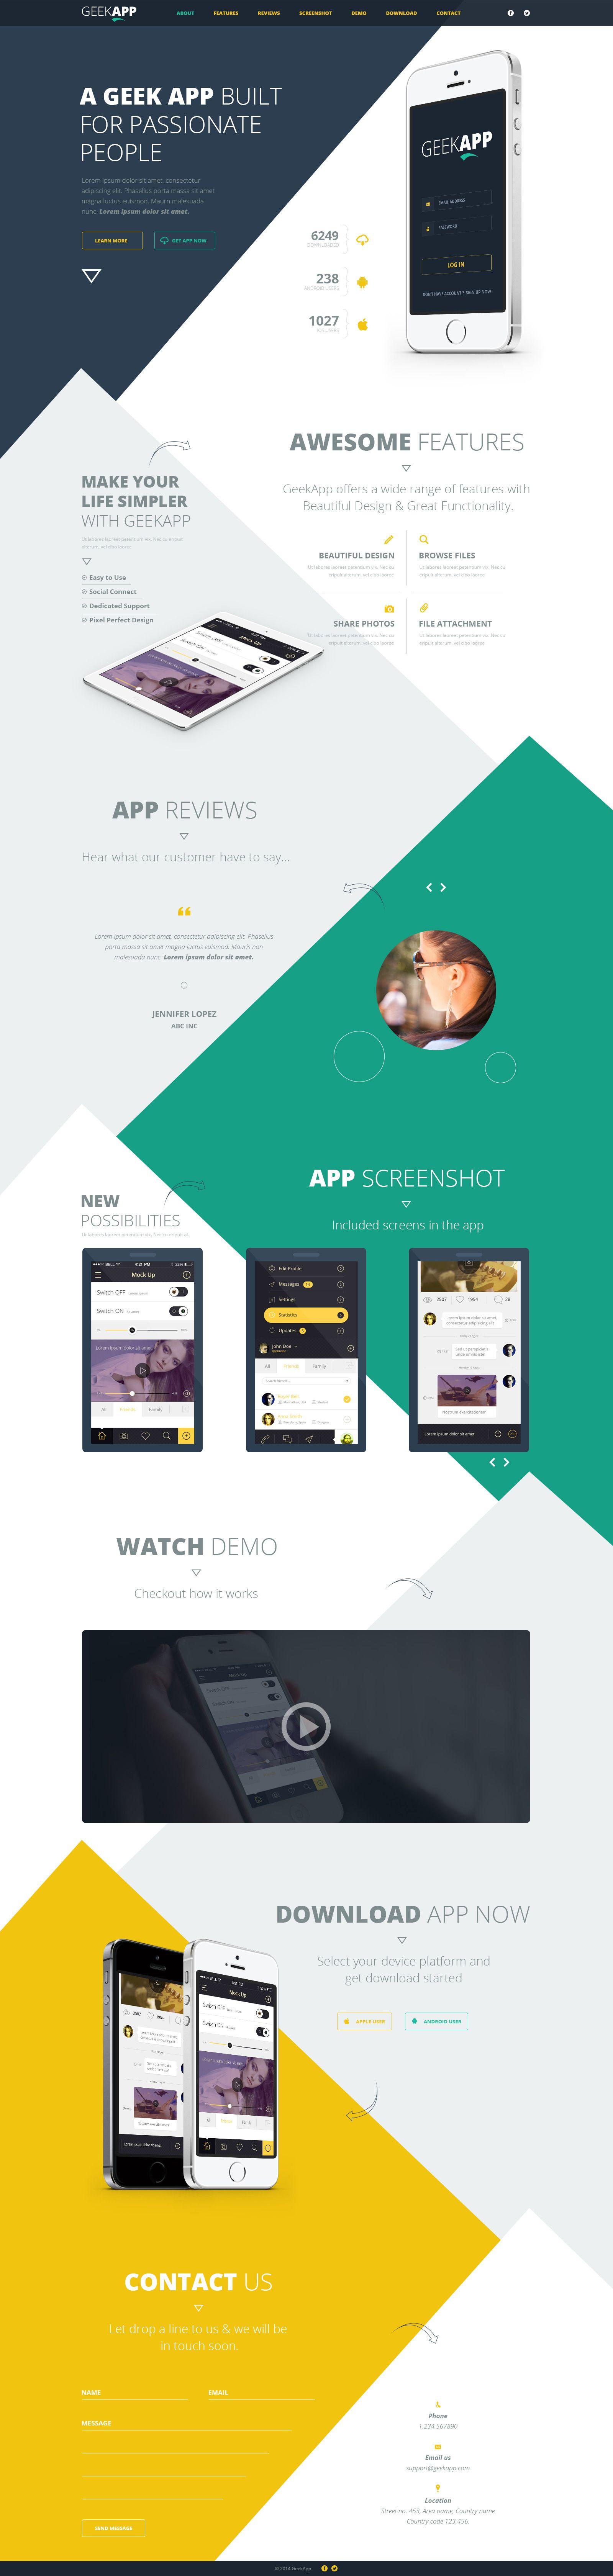 Geekapp one page app landing psd template web design free stuff pinterest psd for Pinterest template psd